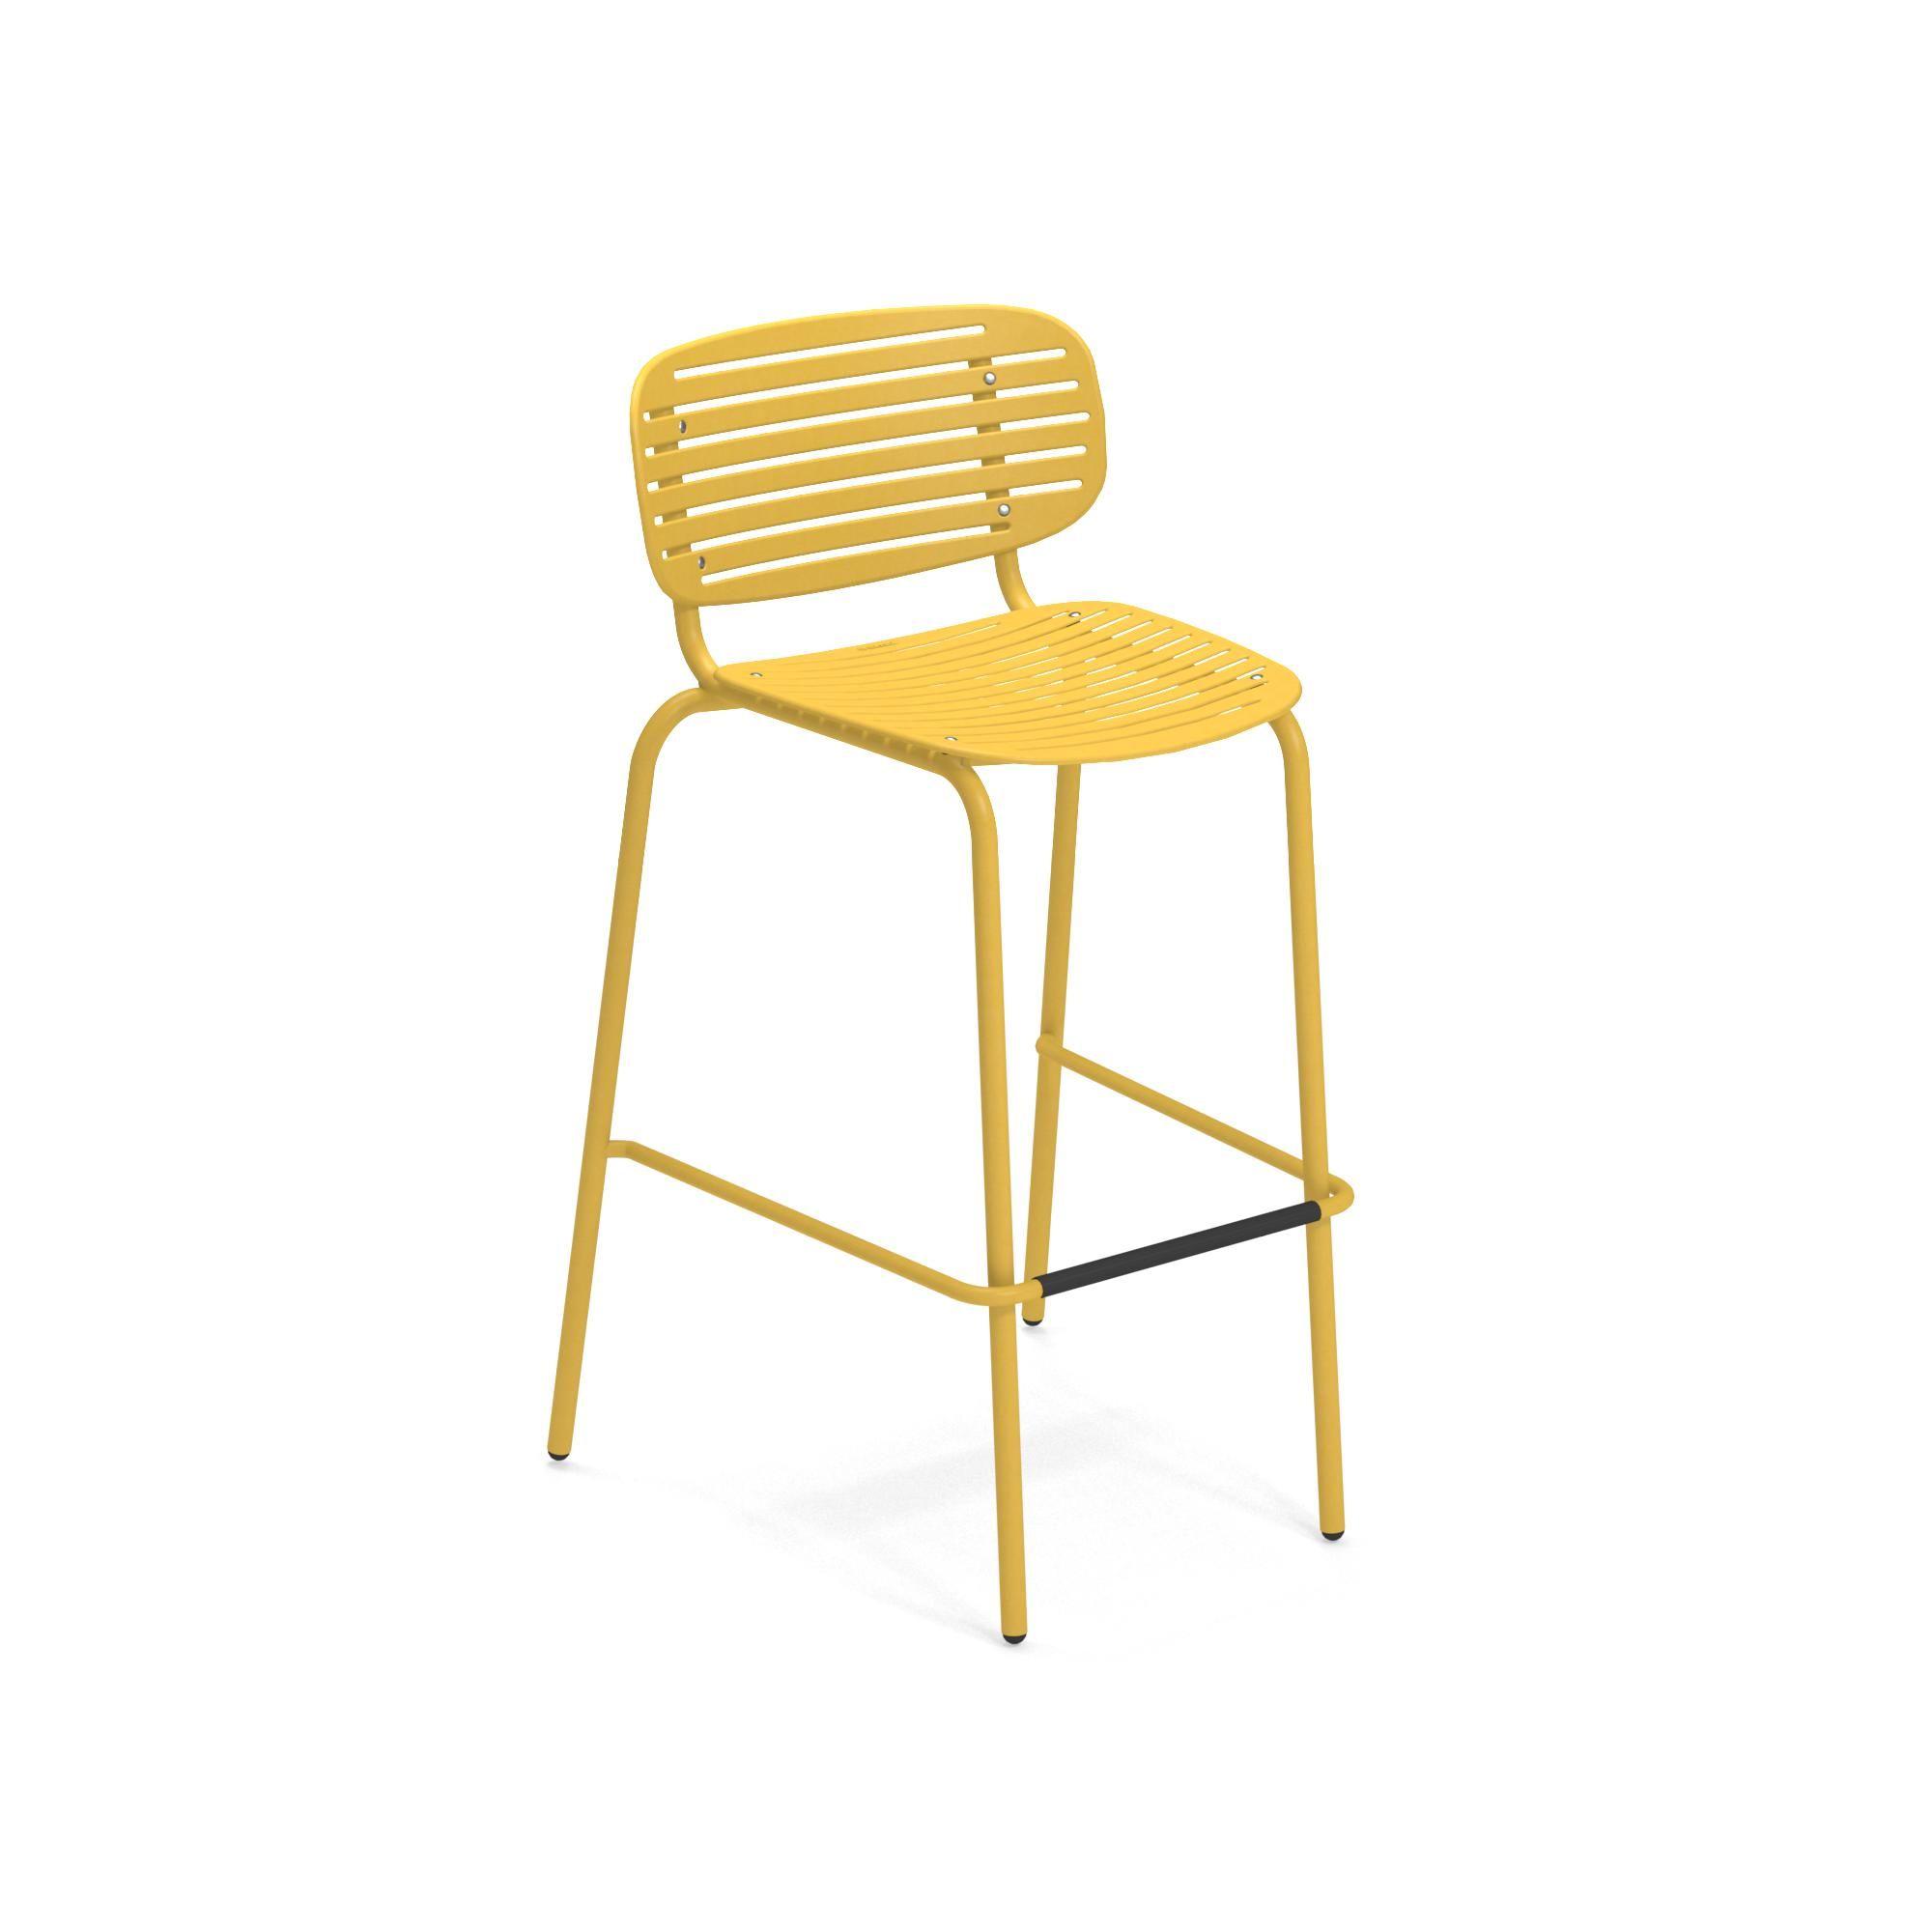 emuamericas, llc 649-62 bar stool, stacking, outdoor